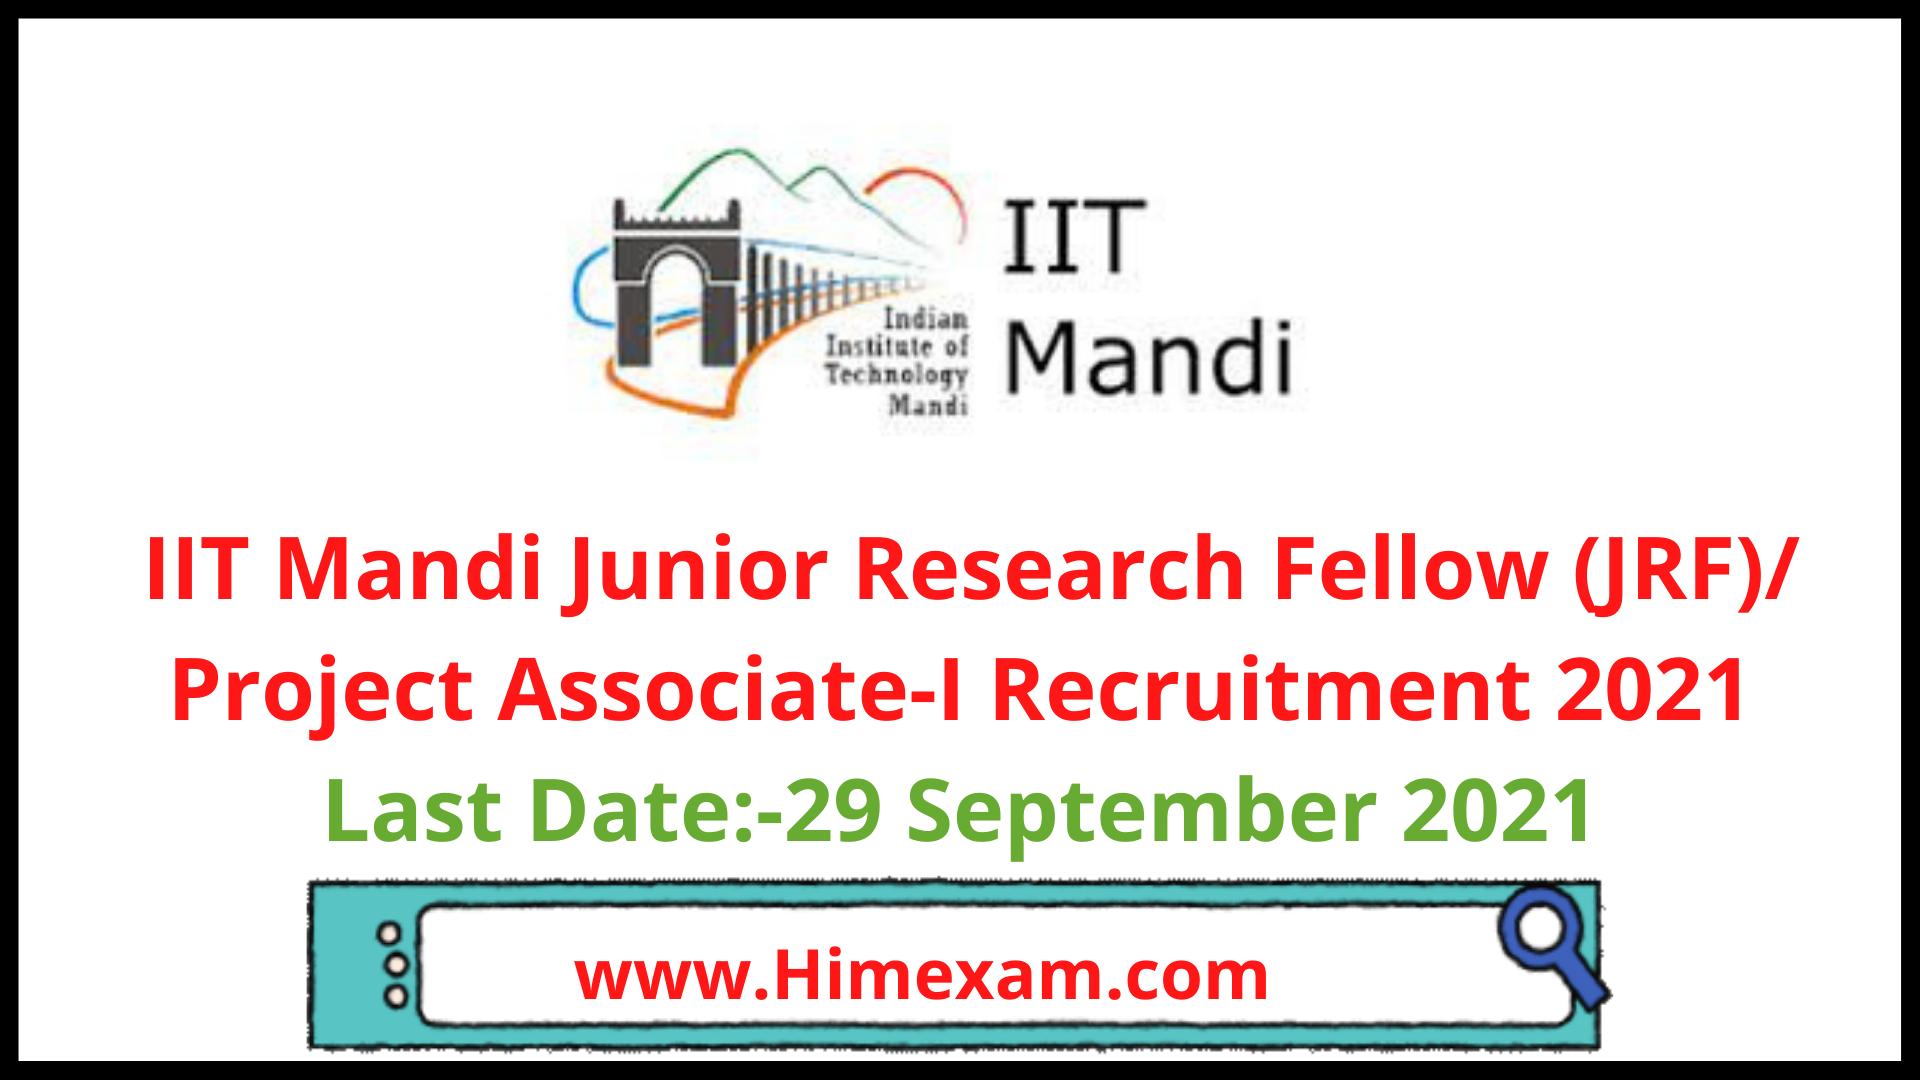 IIT Mandi  Junior Research Fellow (JRF)/ Project Associate-I Recruitment 2021